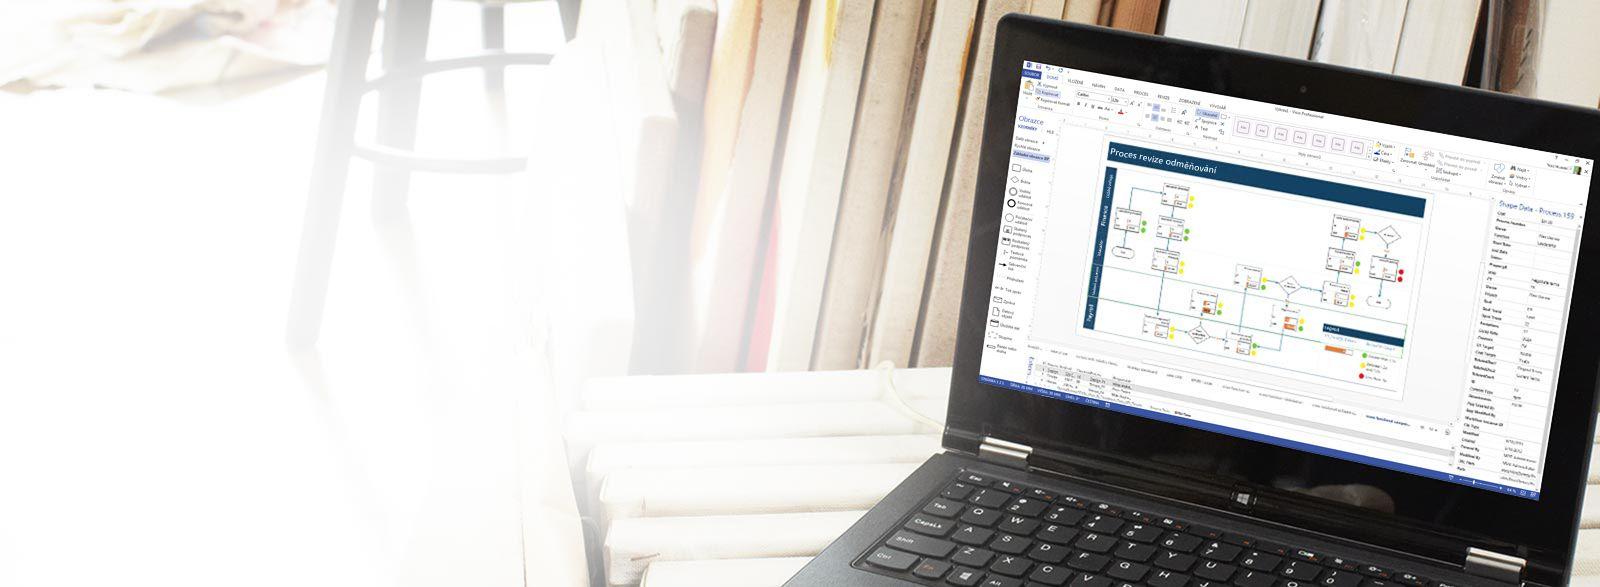 Přenosný počítač s Visio Pro for Office 365